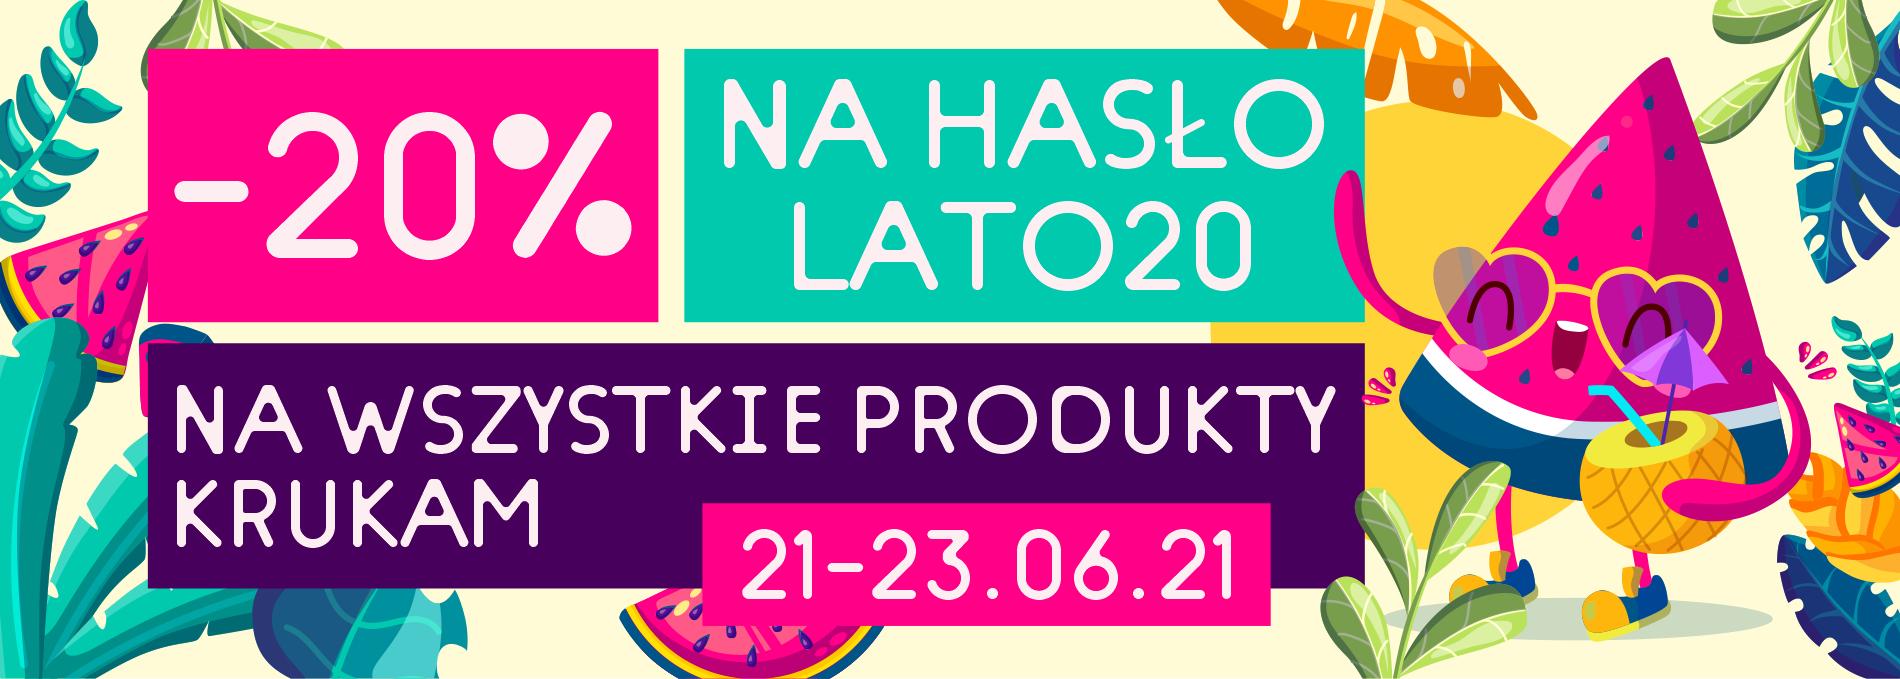 Rabat 20% na wszystkie produkty 21-23.06 w Krukam